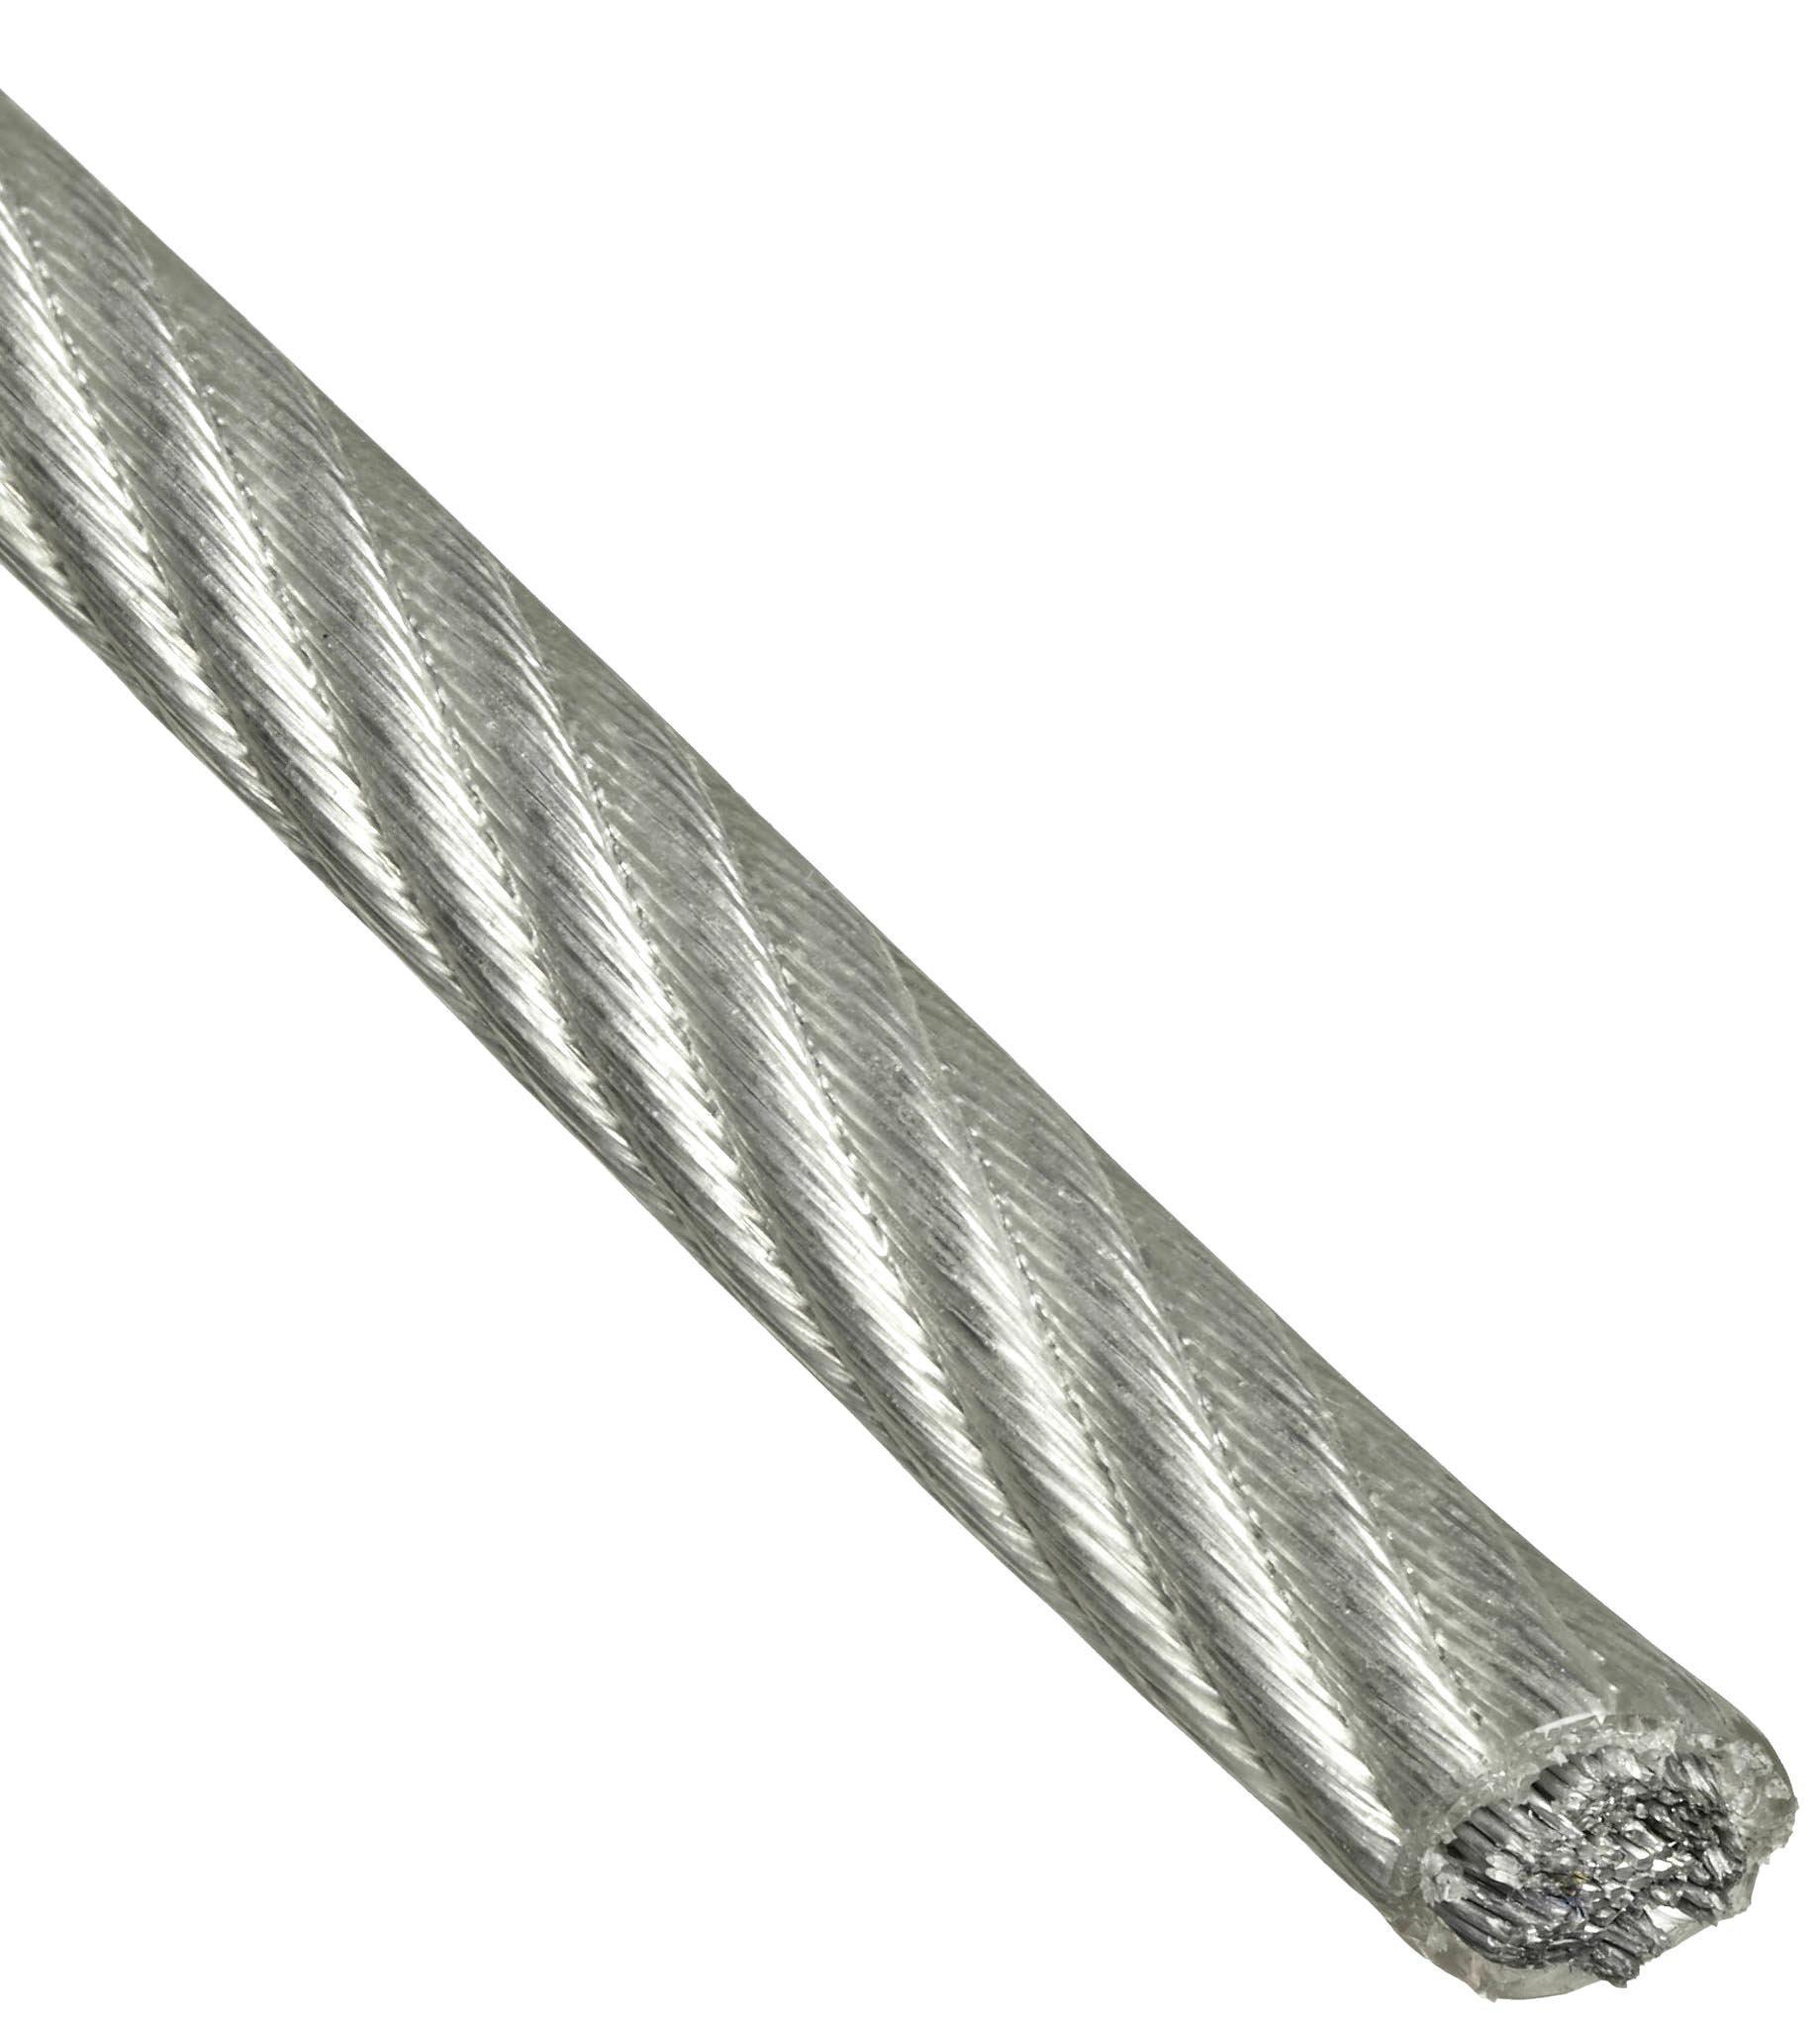 Трос ЗУБР Профессионал din 3055 в оплетке ПВХ d=2/3 мм l=200 м